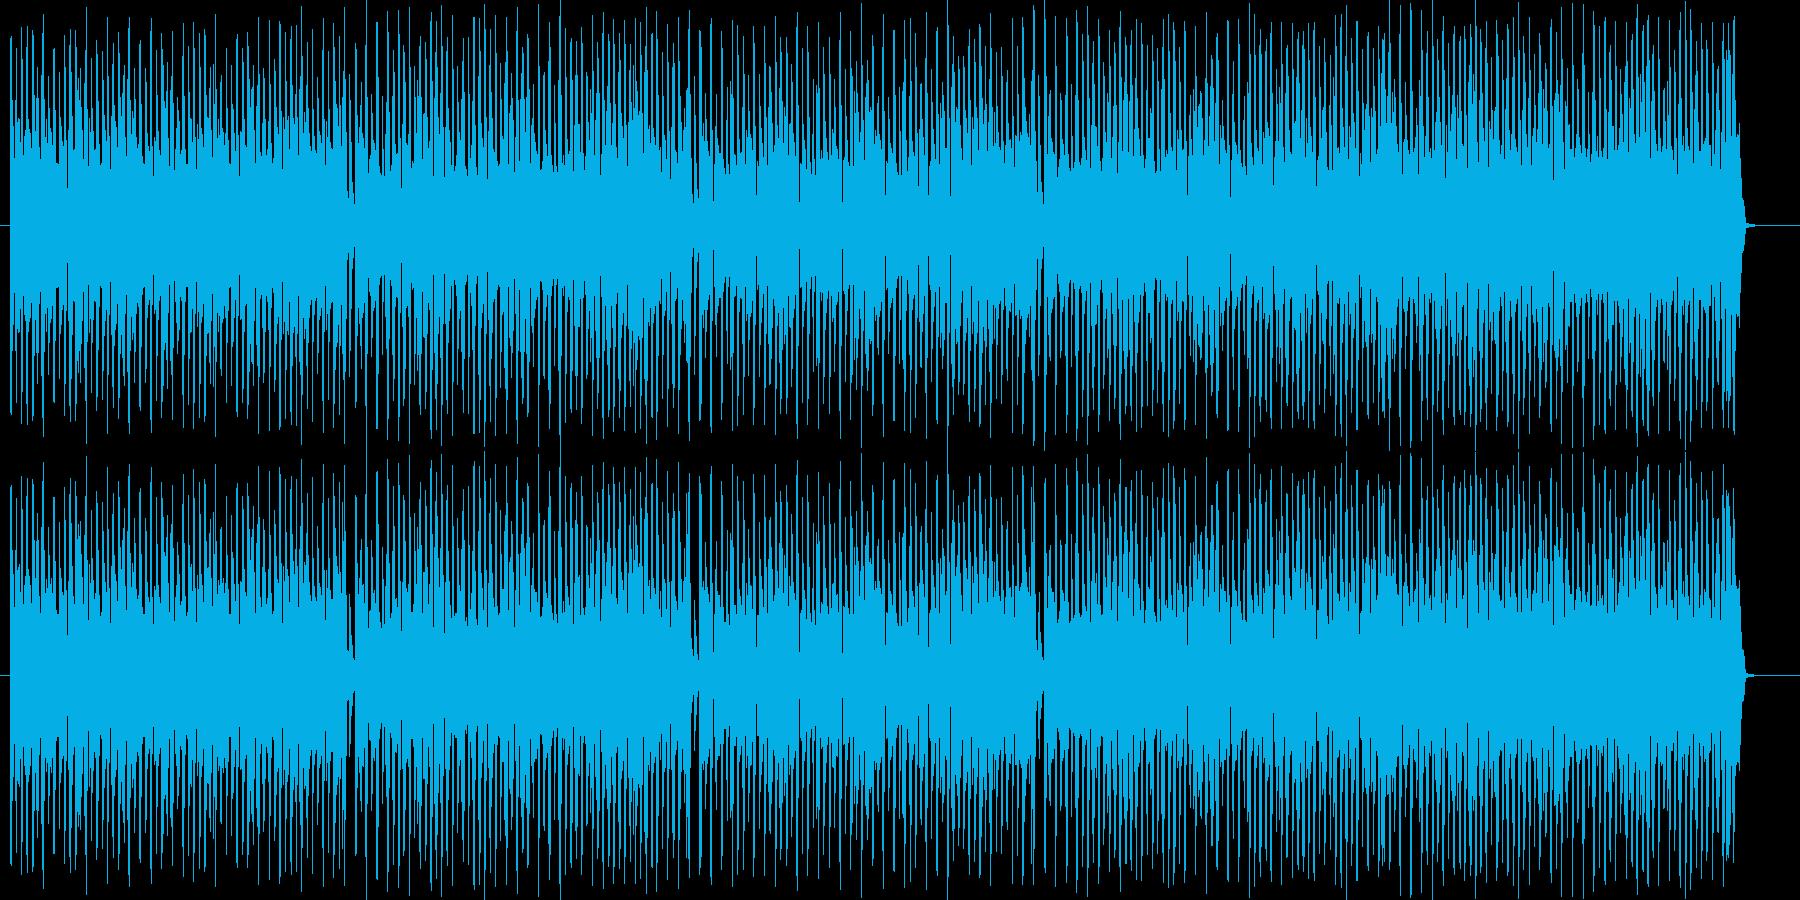 スキャット感のあるブラスが特徴的な曲の再生済みの波形